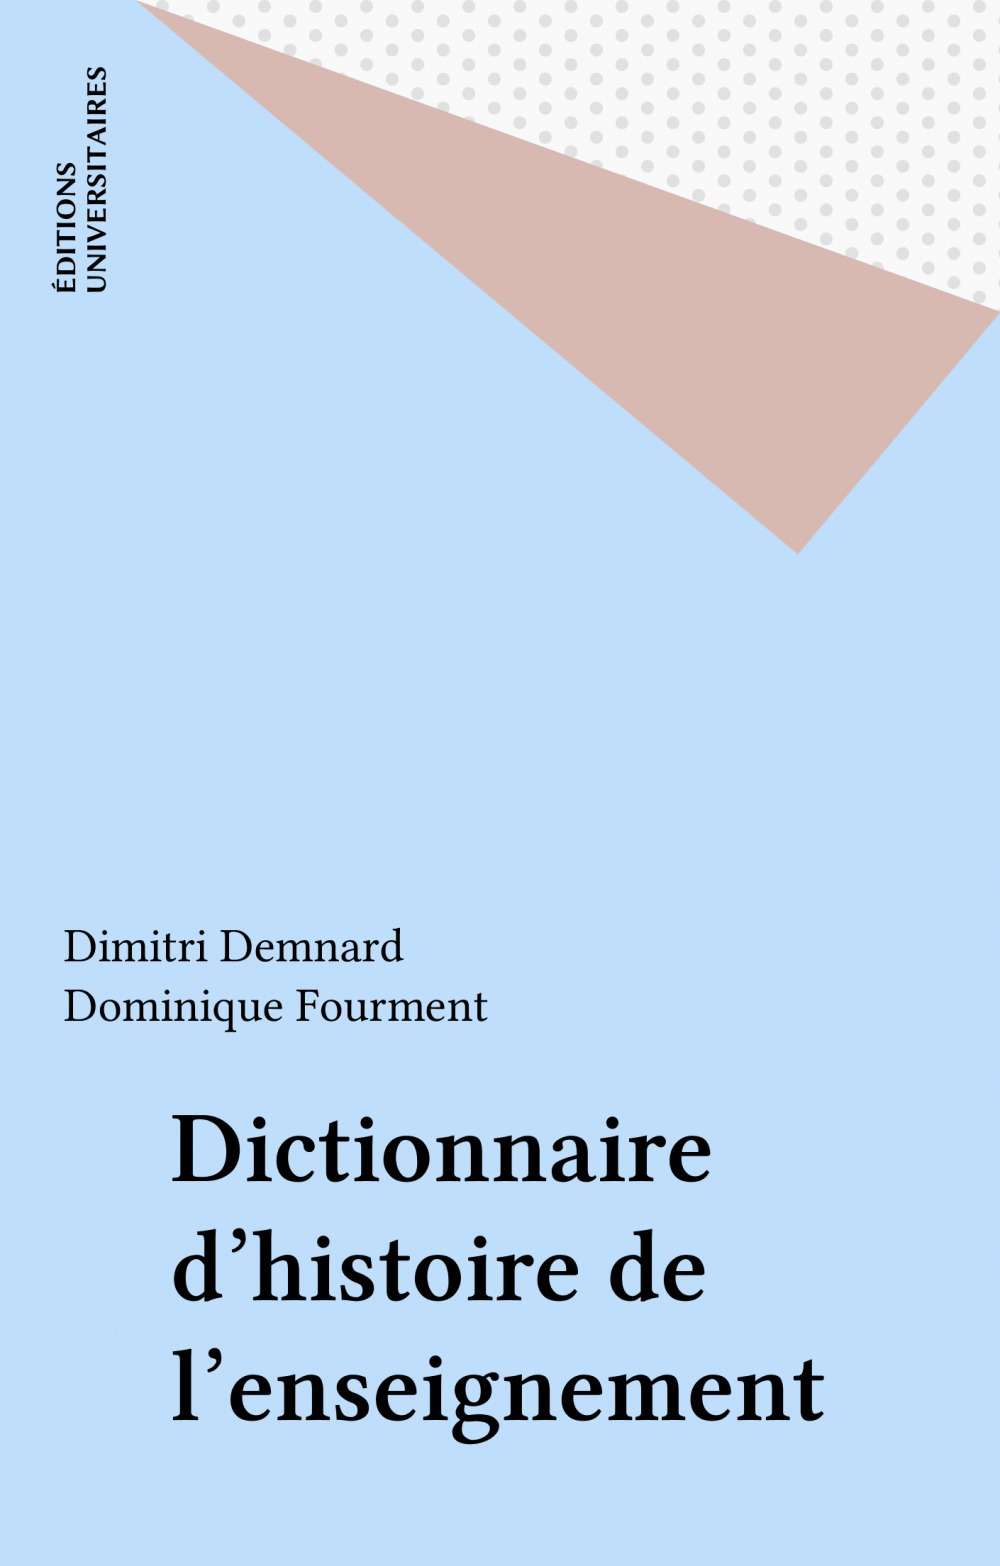 Dictionnaire d'histoire de l'enseignement